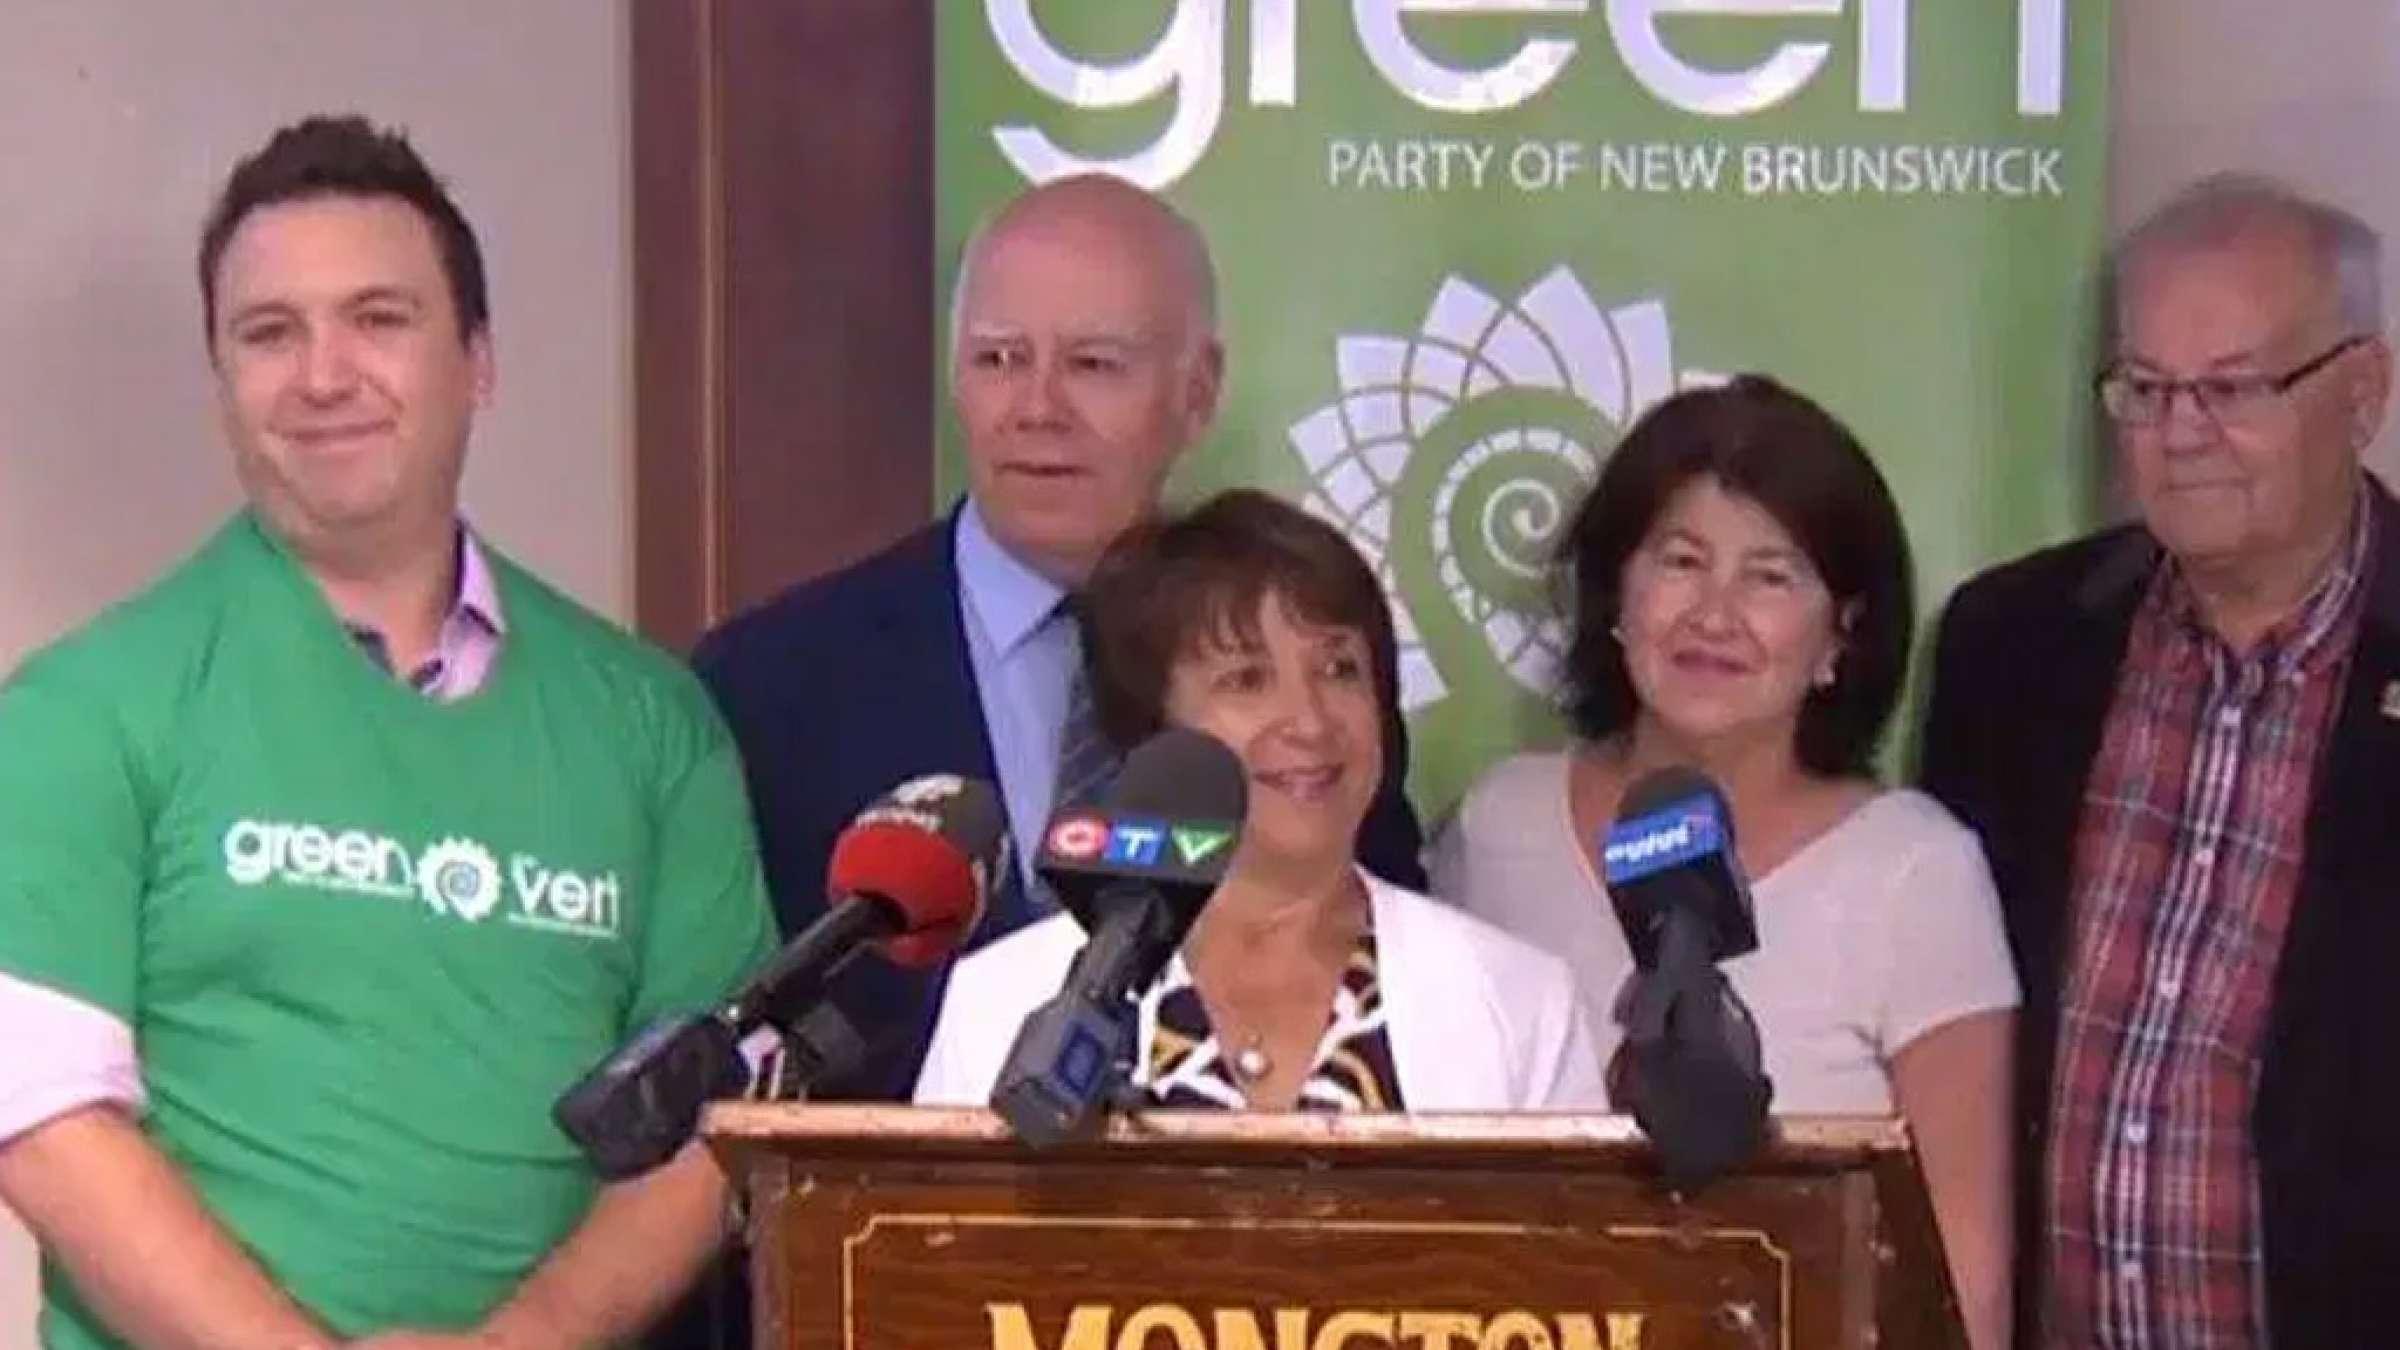 اخبار-کانادا-پیوستن-کاندیداهای-نیودموکرات-نیوبرانزویک-به-حزب-سبزها